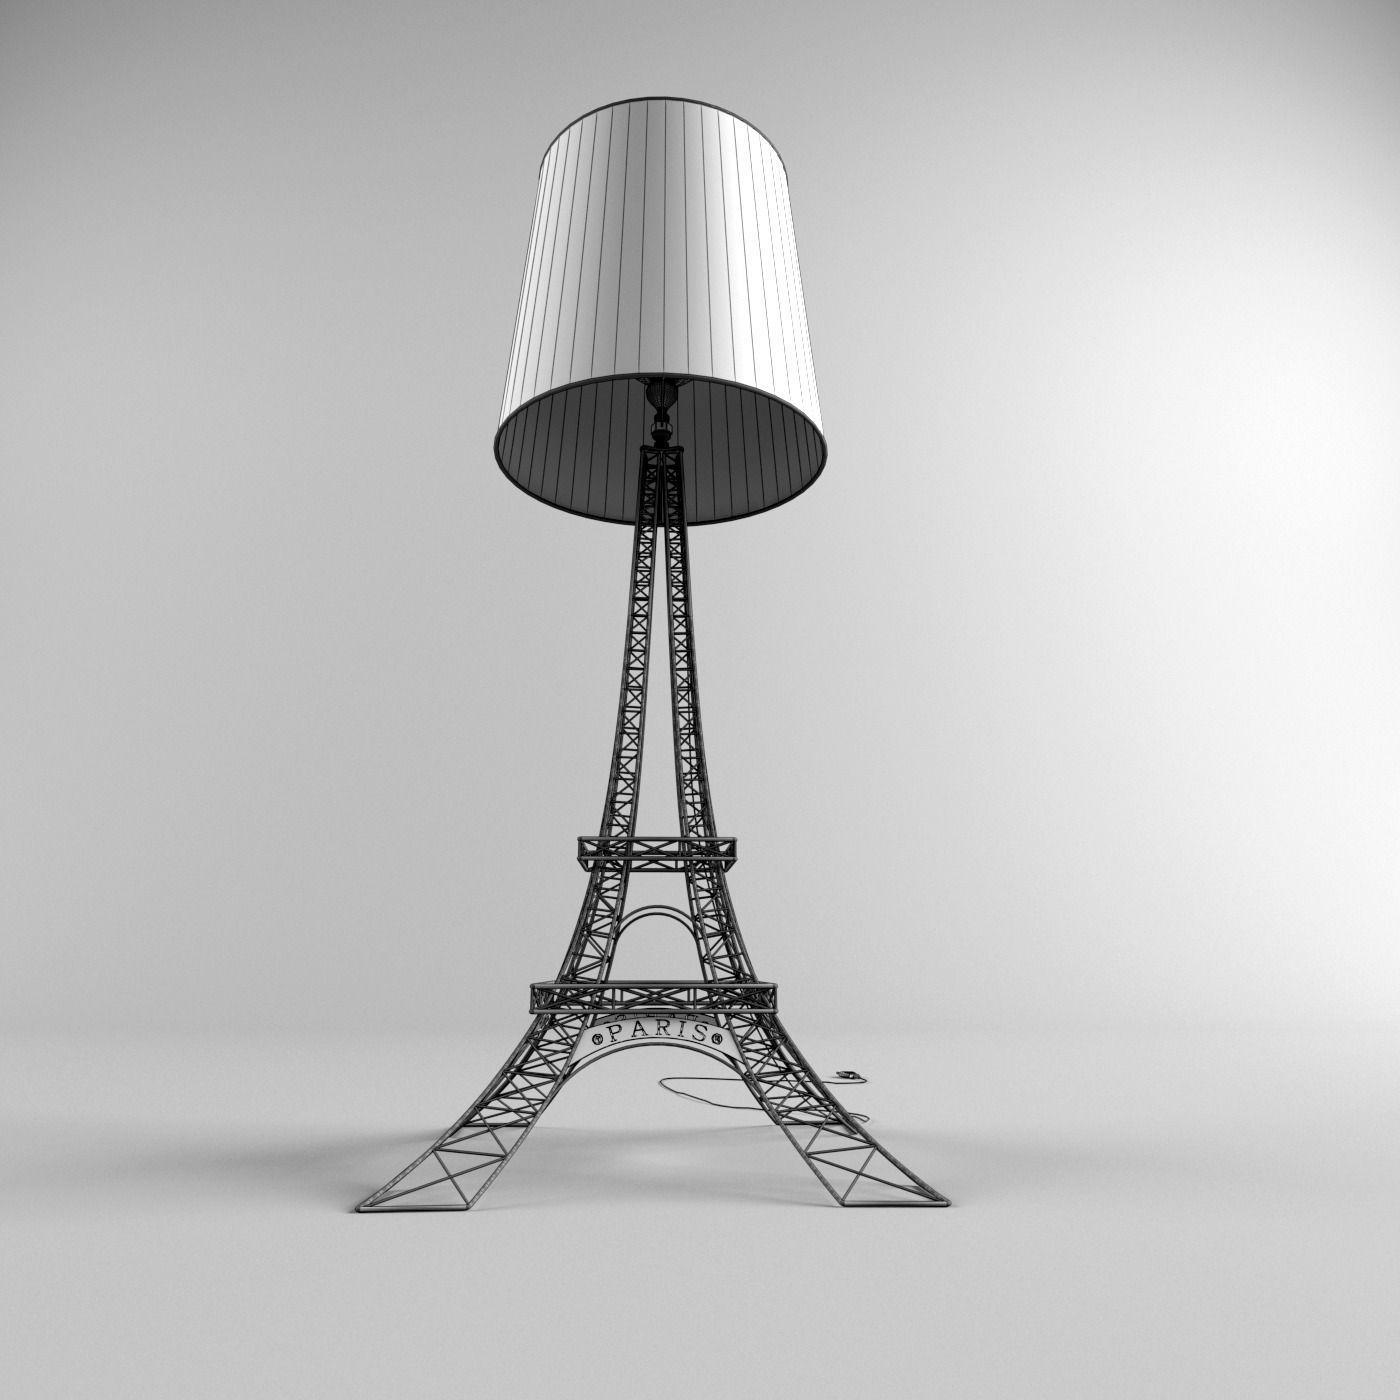 ... Eiffel Tower Lamp 3d Model Max Fbx 5